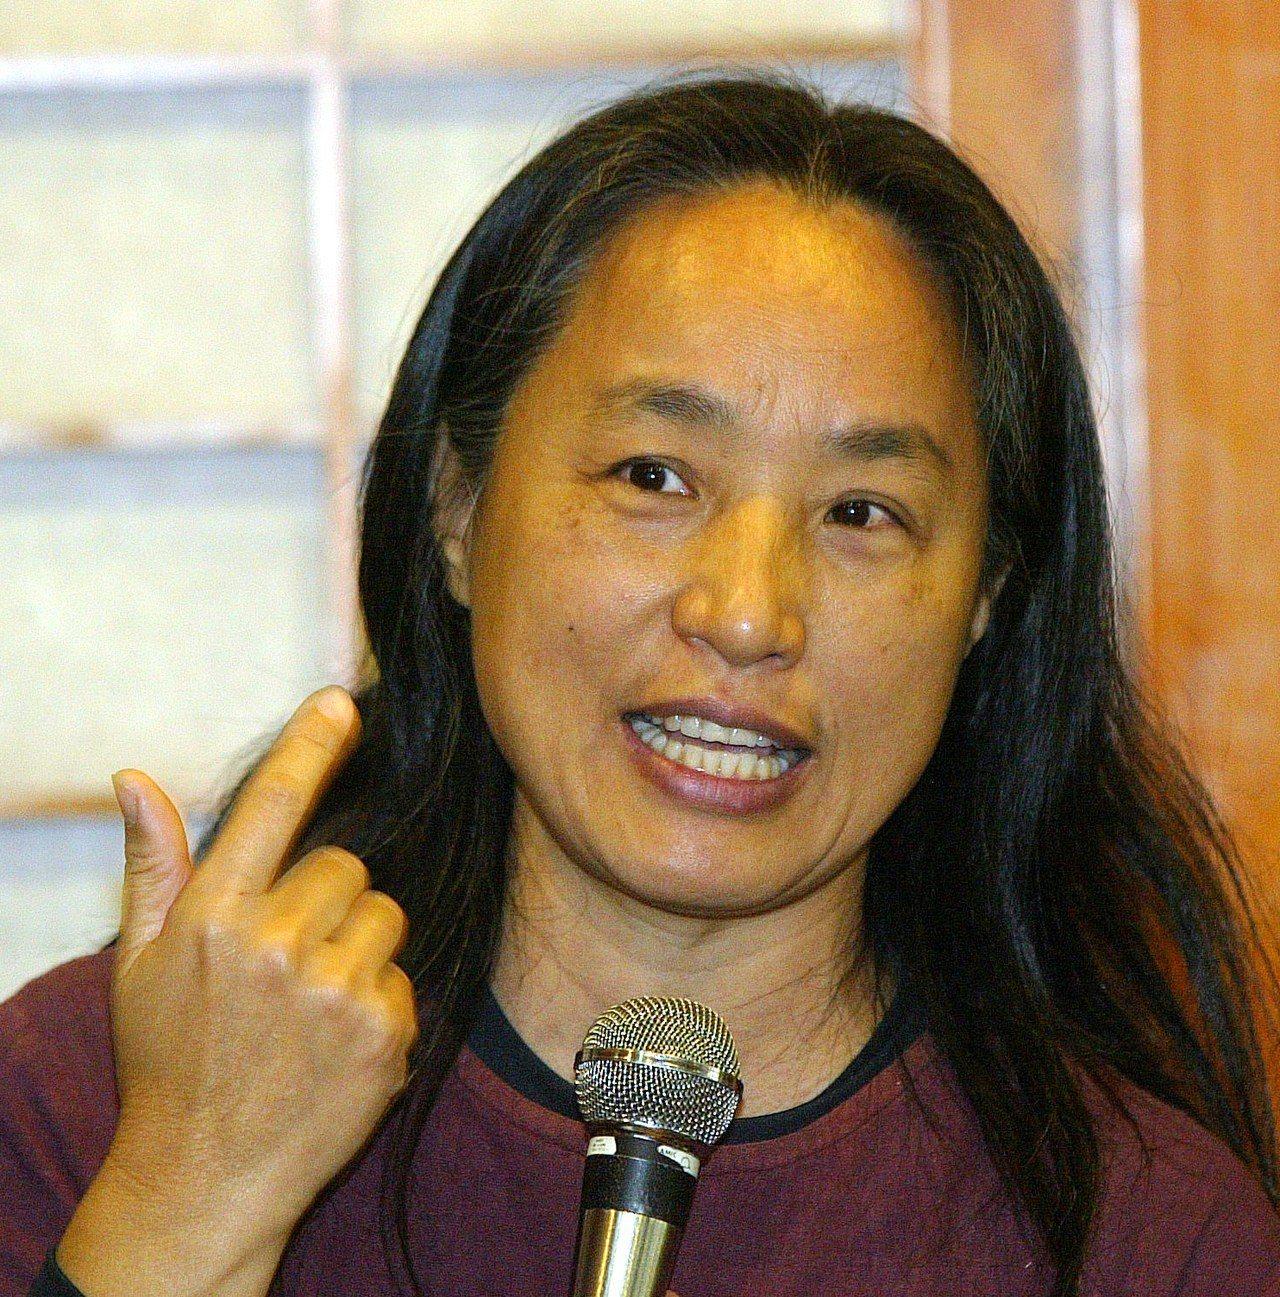 唐鳳母親李雅卿,在體制外努力教育相關改革多年。(本報資料照)